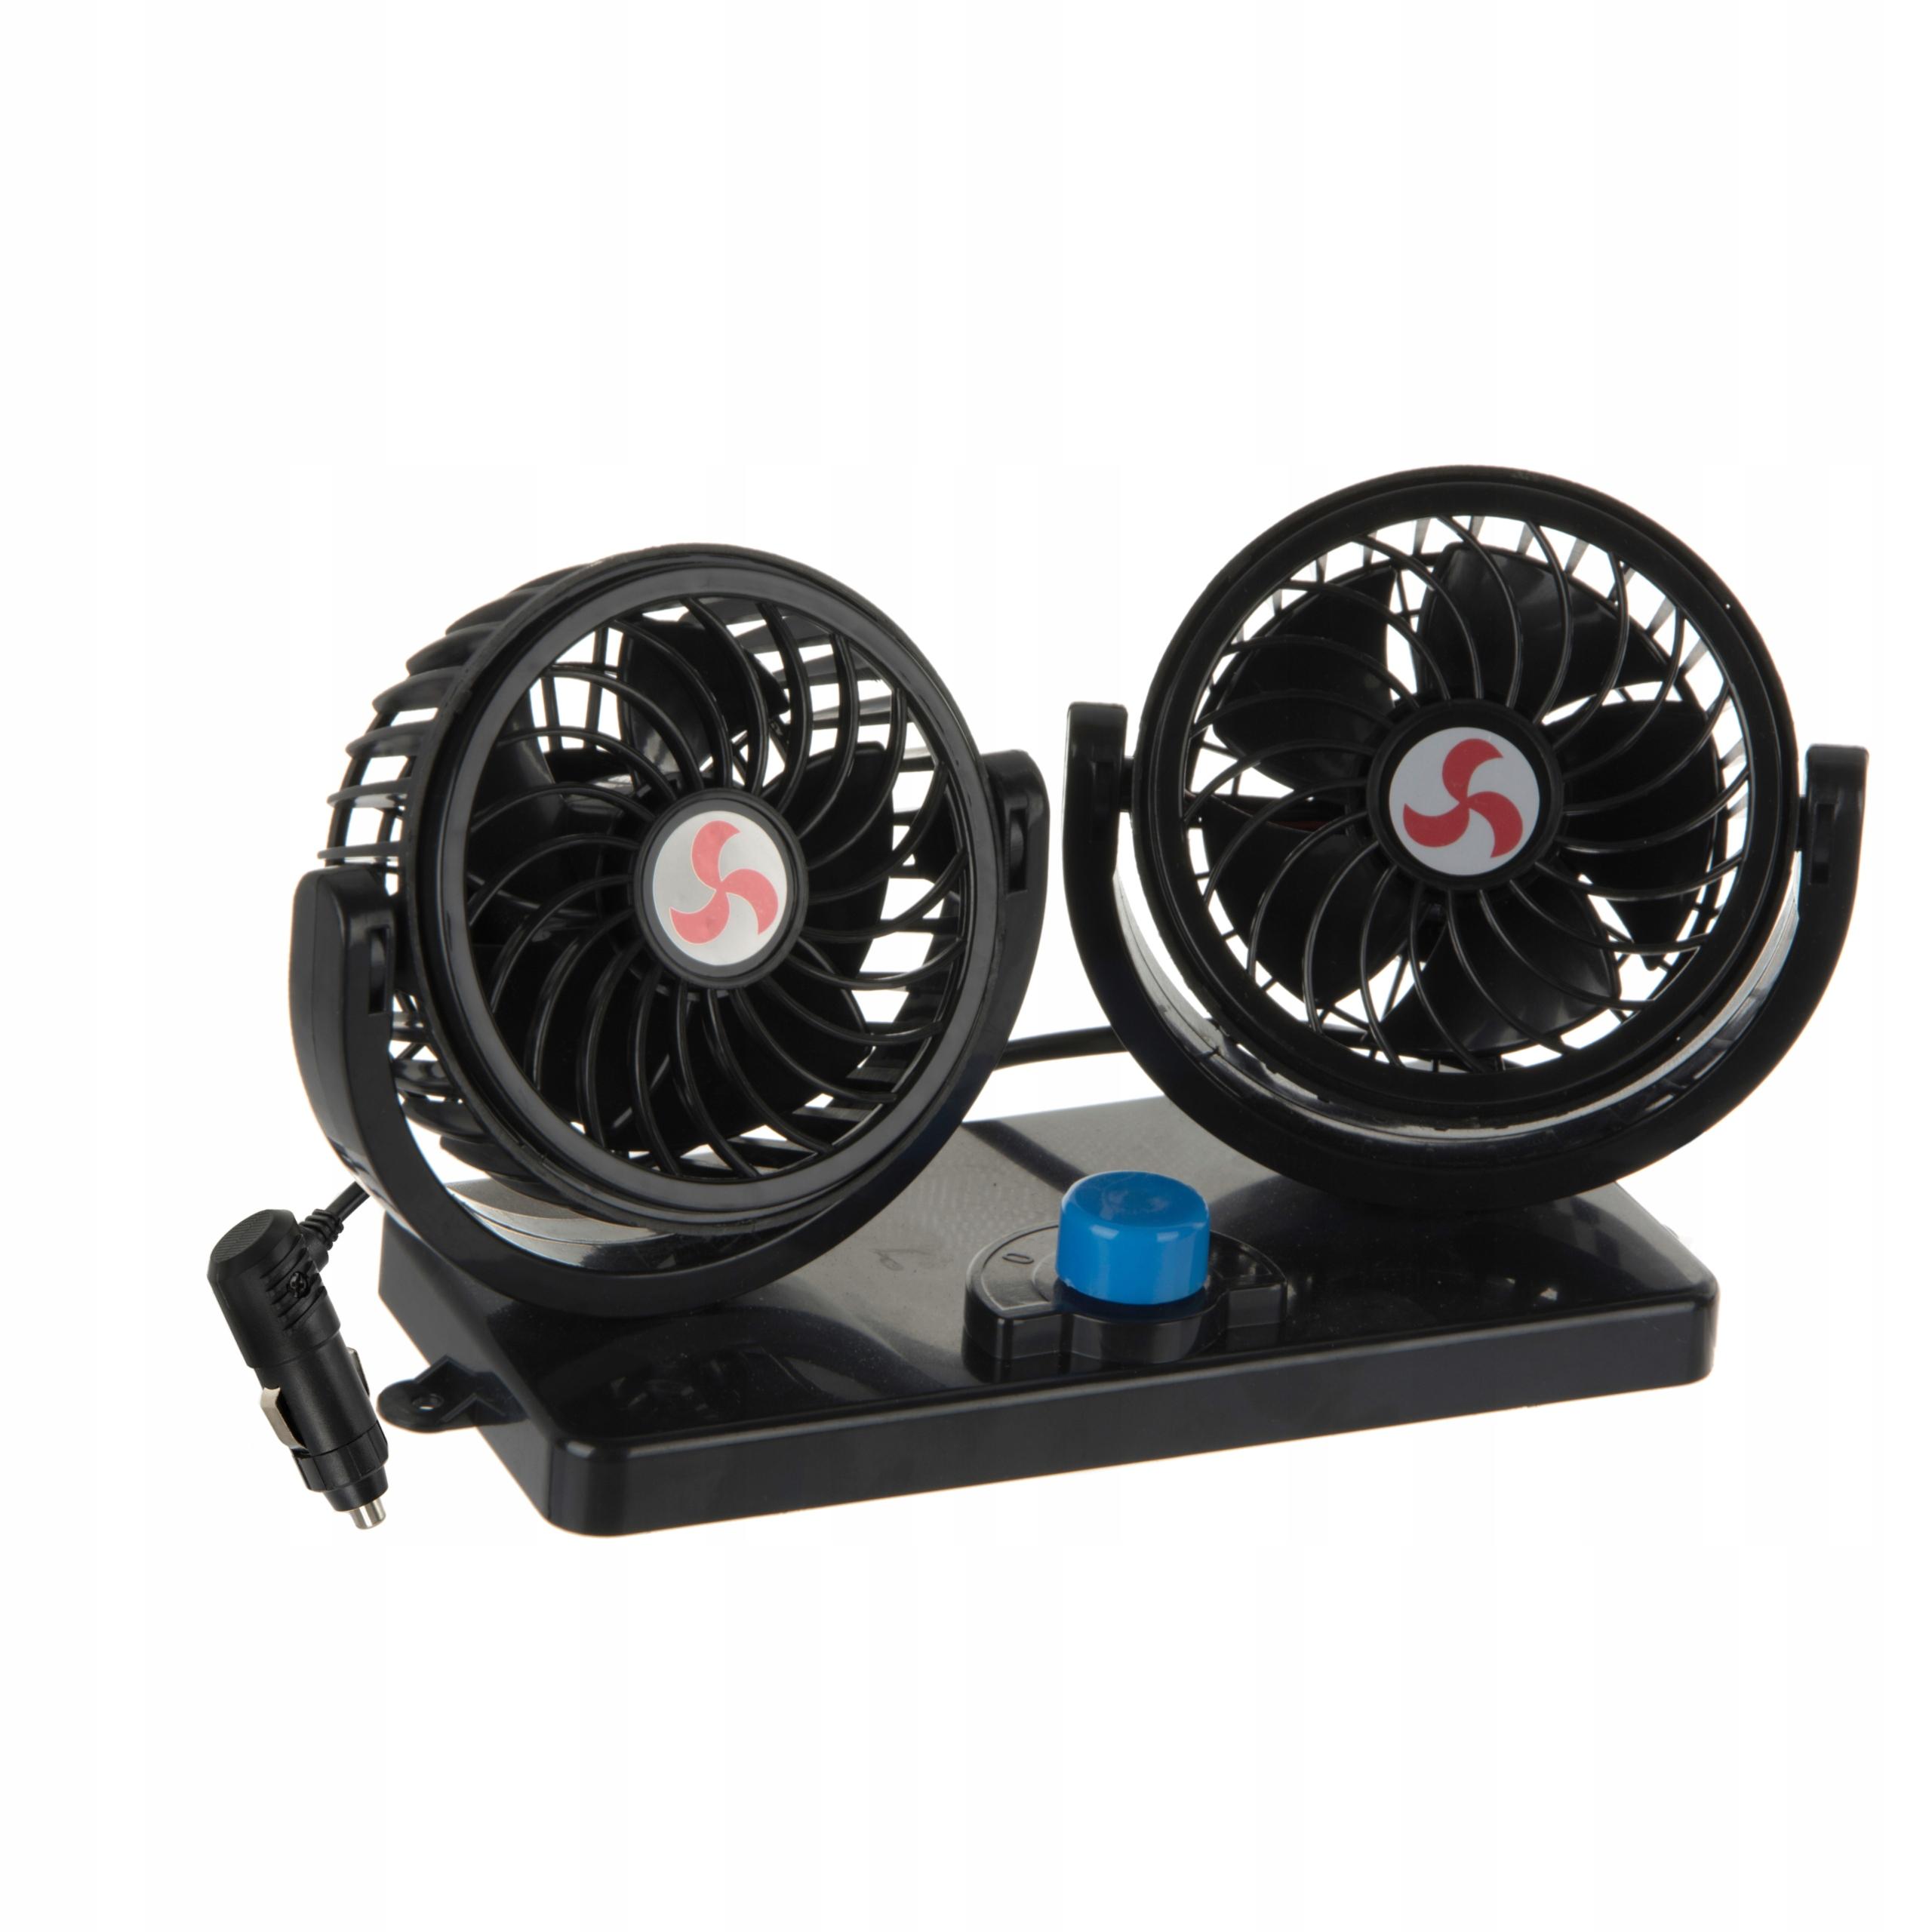 Item Fan of a fan rotatable car 12V 13W